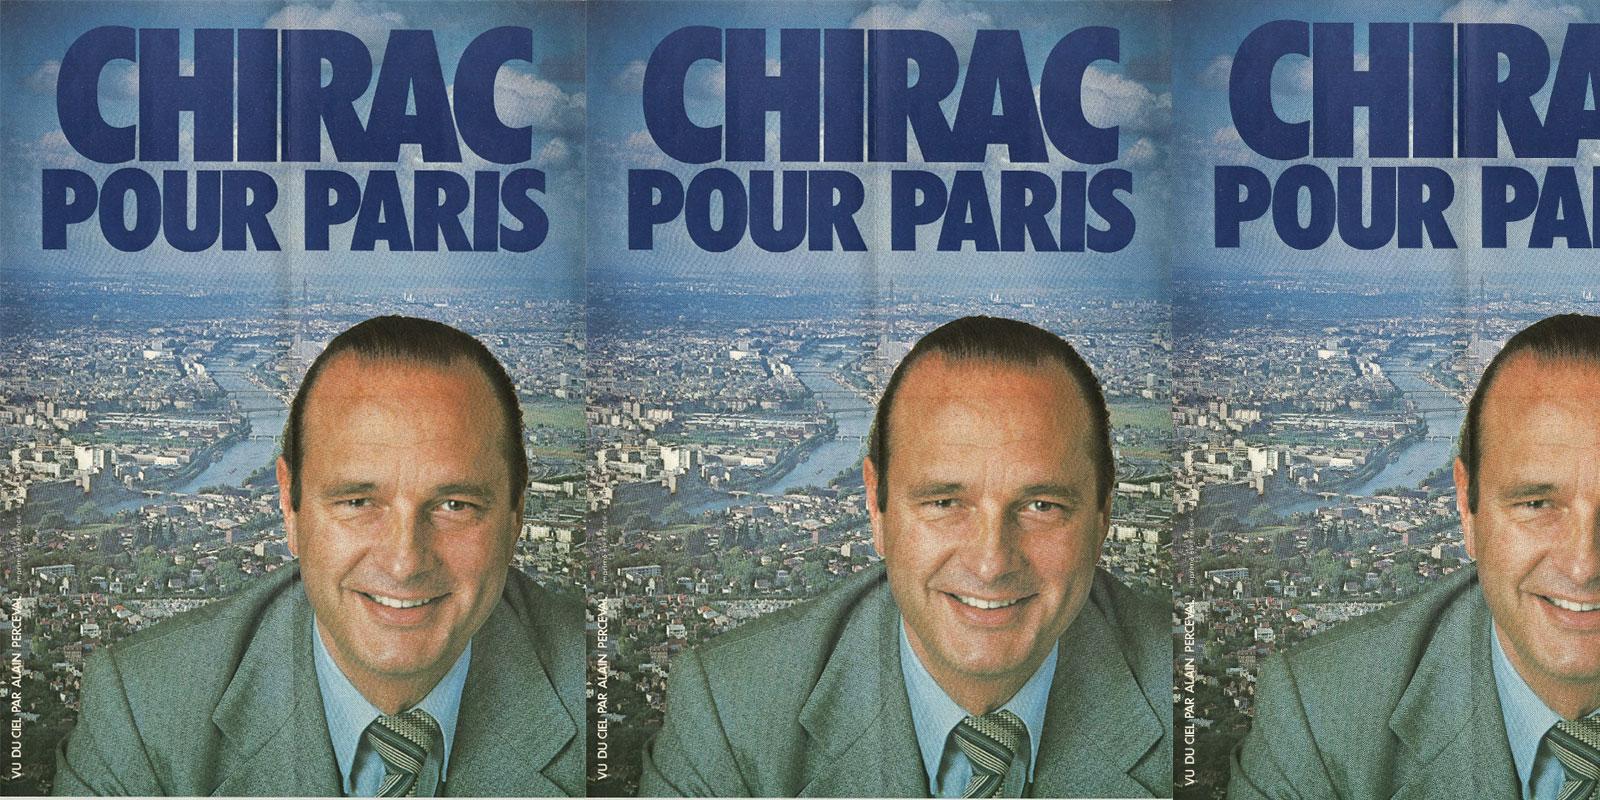 Jacques Chirac et la politique de la motocrotte